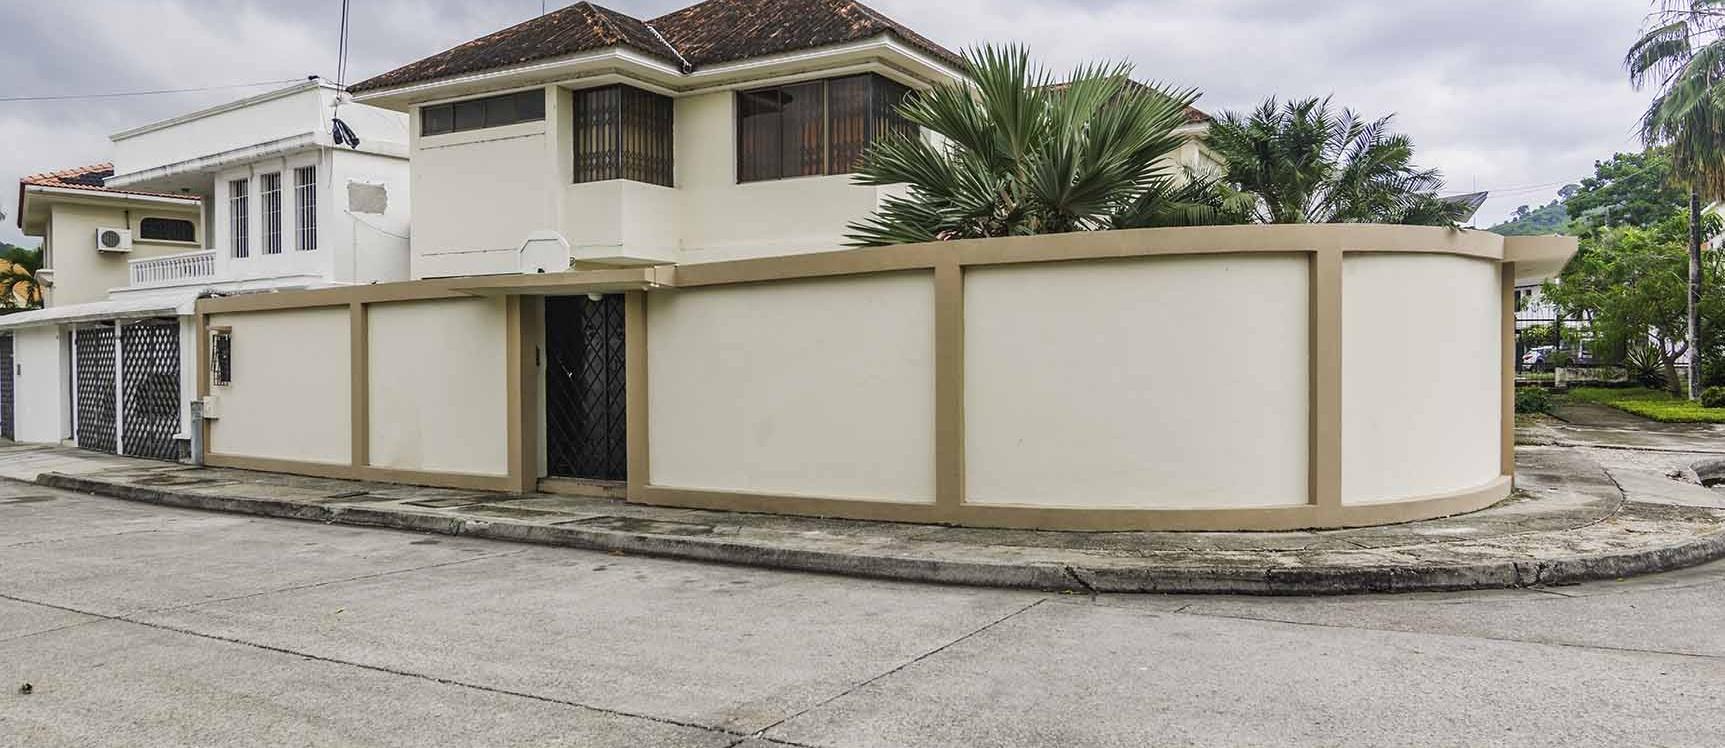 GeoBienes - Casa en Venta en Colinas de Los Ceibos, Guayaquil - Plusvalia Guayaquil Casas de venta y alquiler Inmobiliaria Ecuador